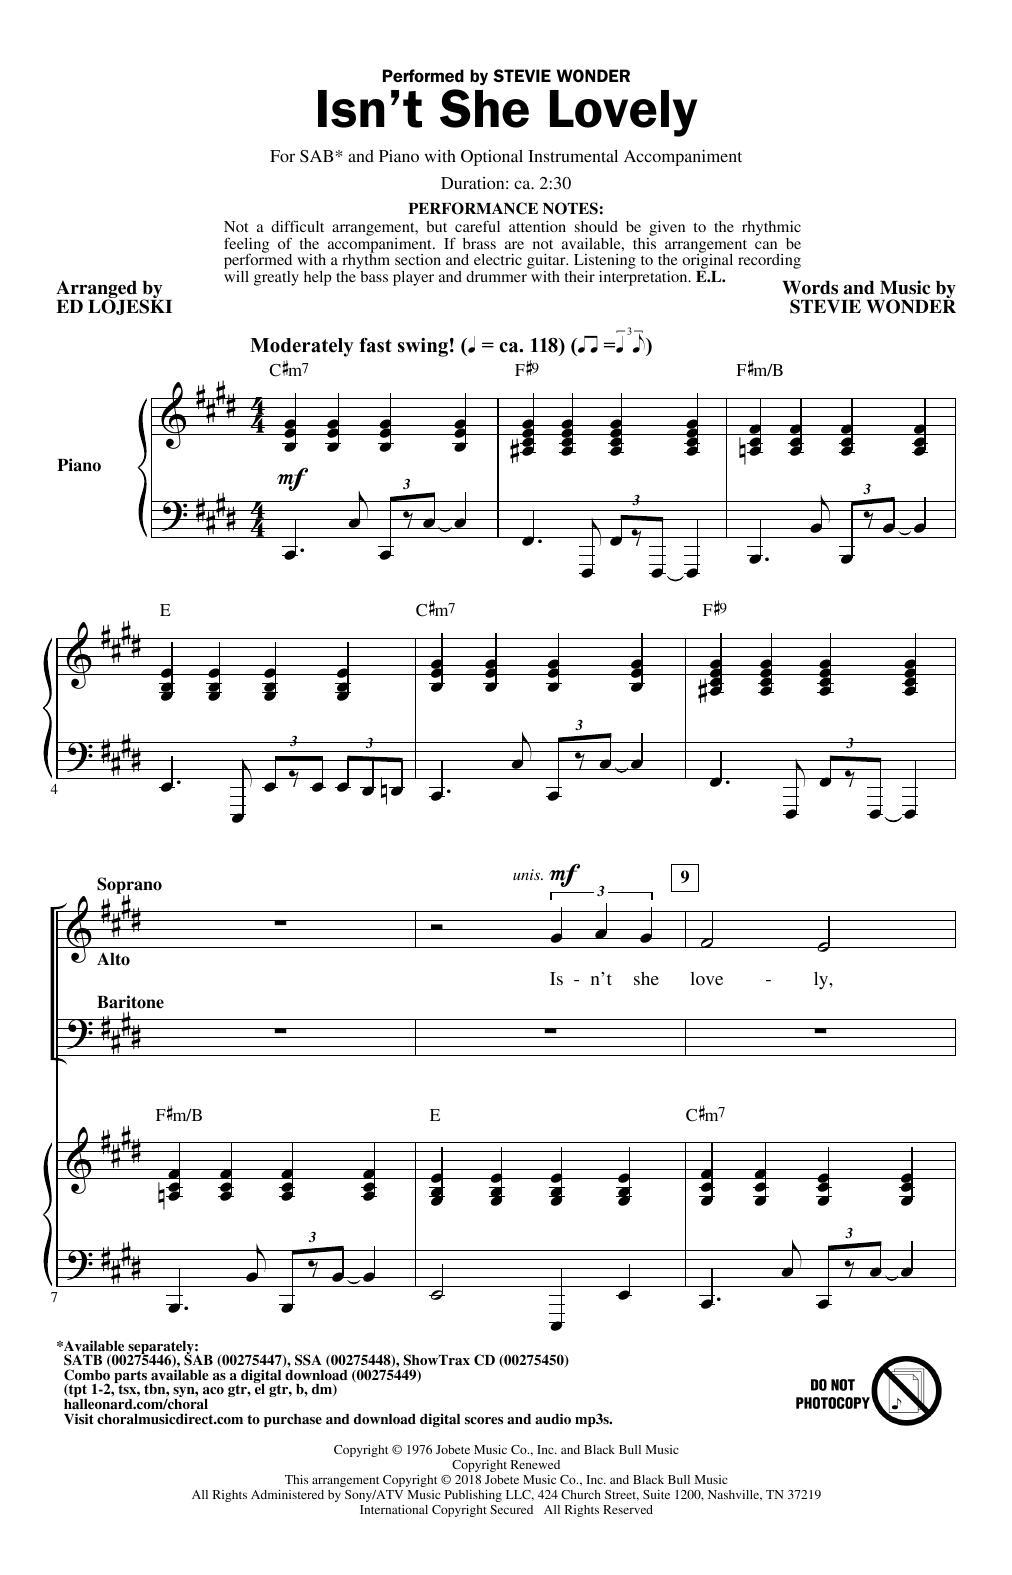 Ed Lojeski Isnt She Lovely Sheet Music Notes Chords Printable